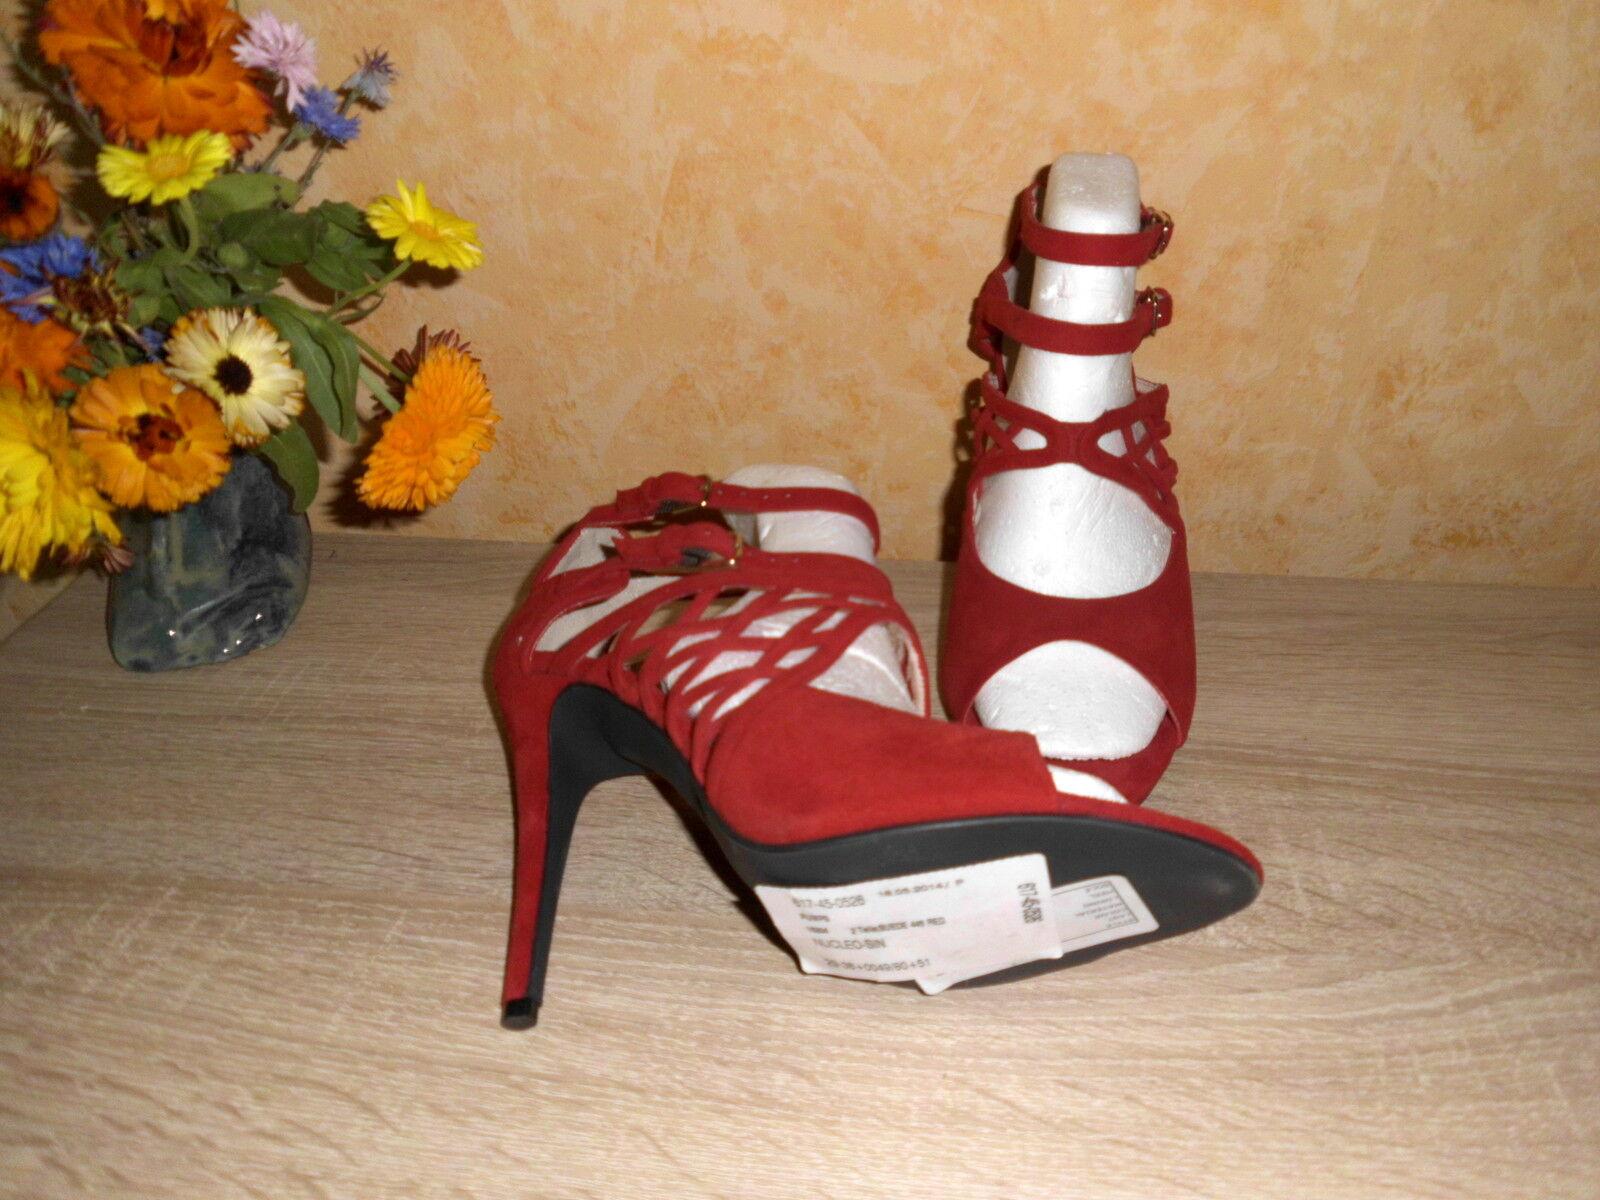 Studio W SEXY High Heel in Gladiator SANDALETTE NEU Gr. 40 in Heel rot  Velours Leder 78692e